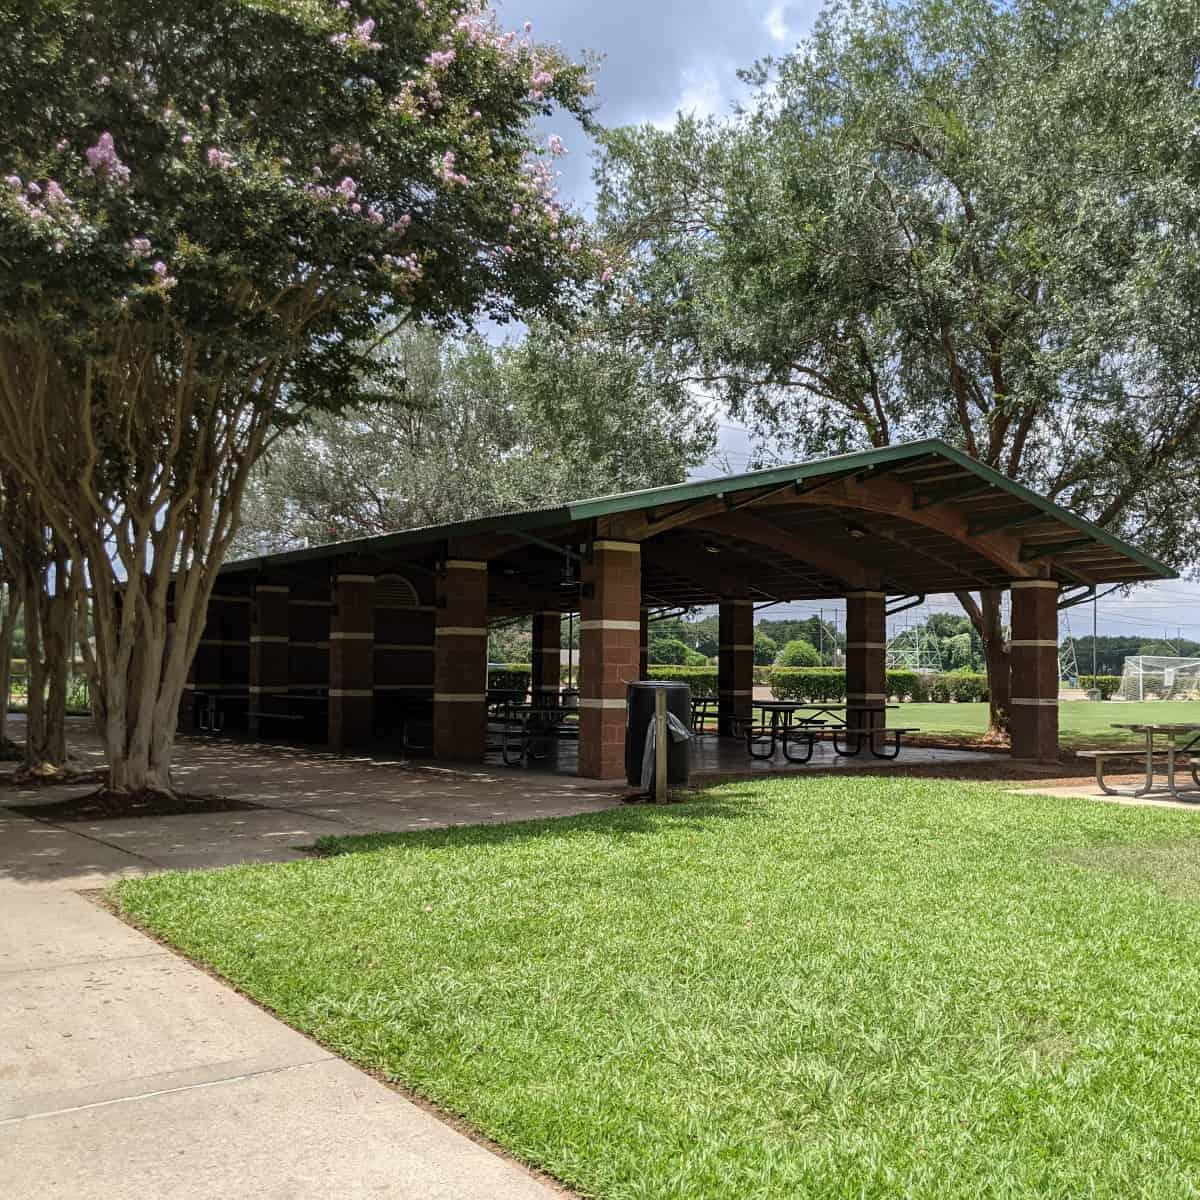 Pavilion at Lost Creek Park